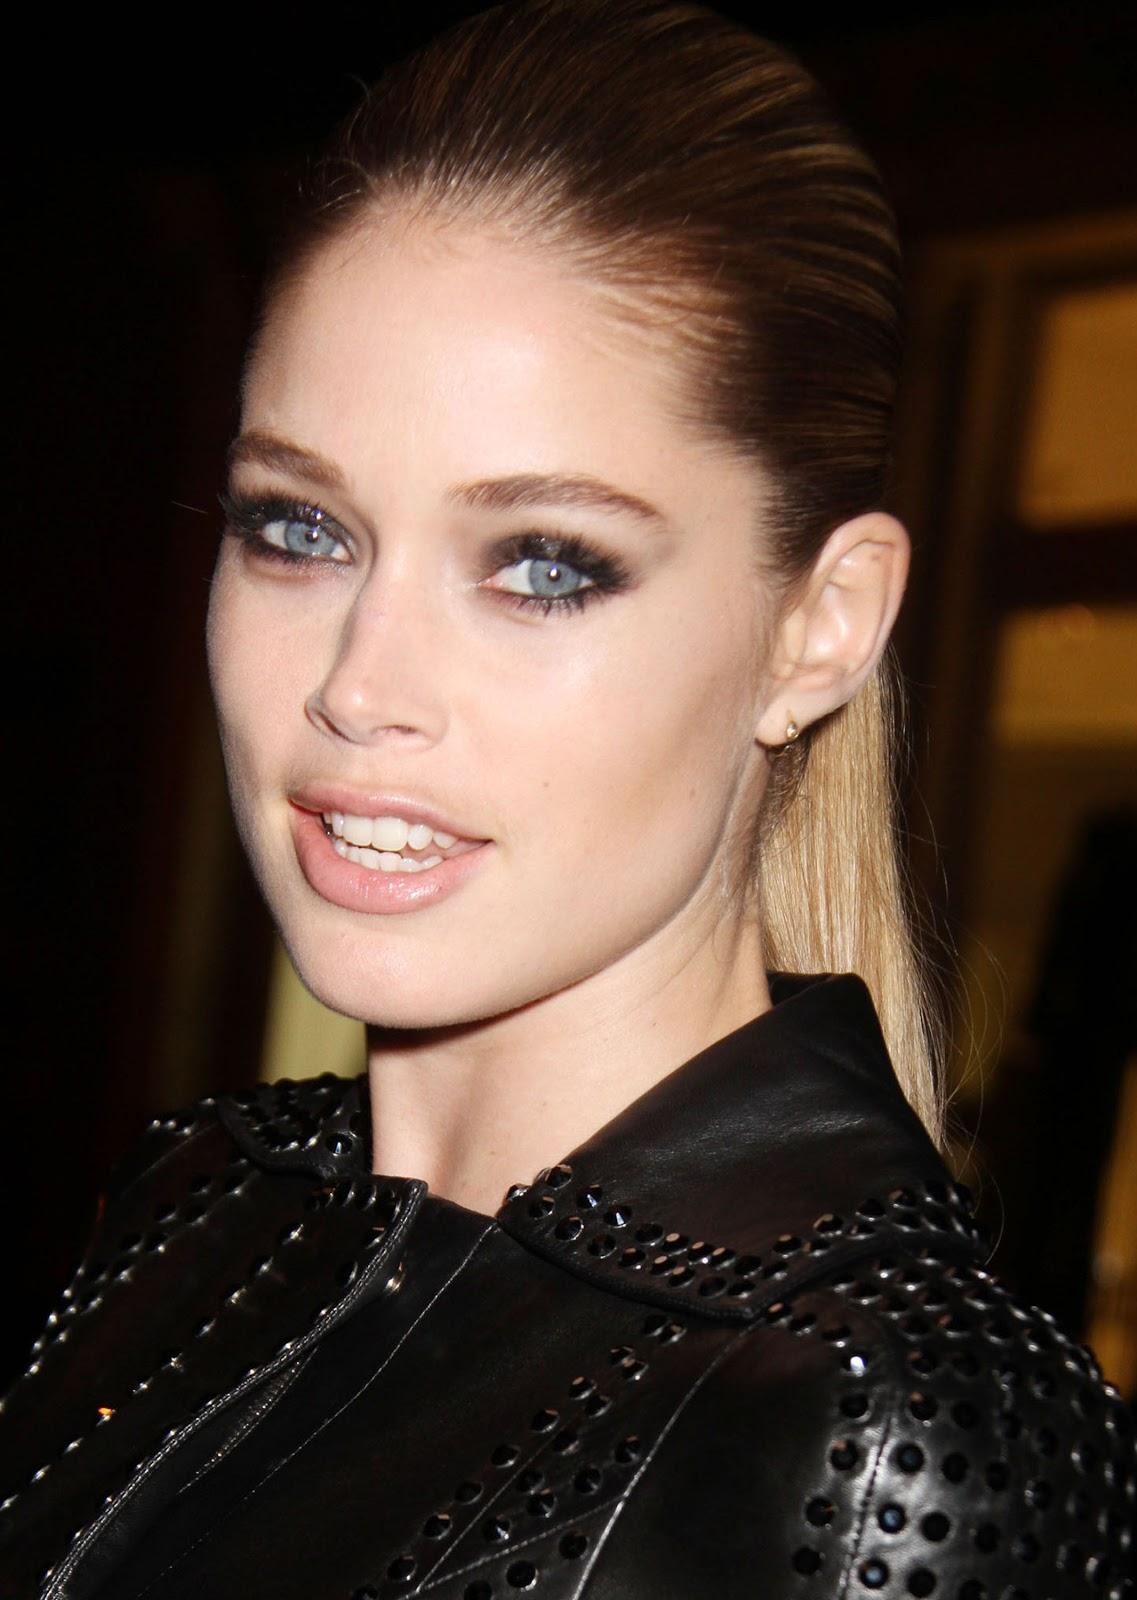 http://3.bp.blogspot.com/-VuB8itAYLaw/UKU_Z6r1FrI/AAAAAAAAk9g/Qh4zZ8PNNU8/s1600/Doutzen+Kroes+-+Versace+Soho+Store+Opening%252C+NYC+-+October+24%252C+2012+12.jpg